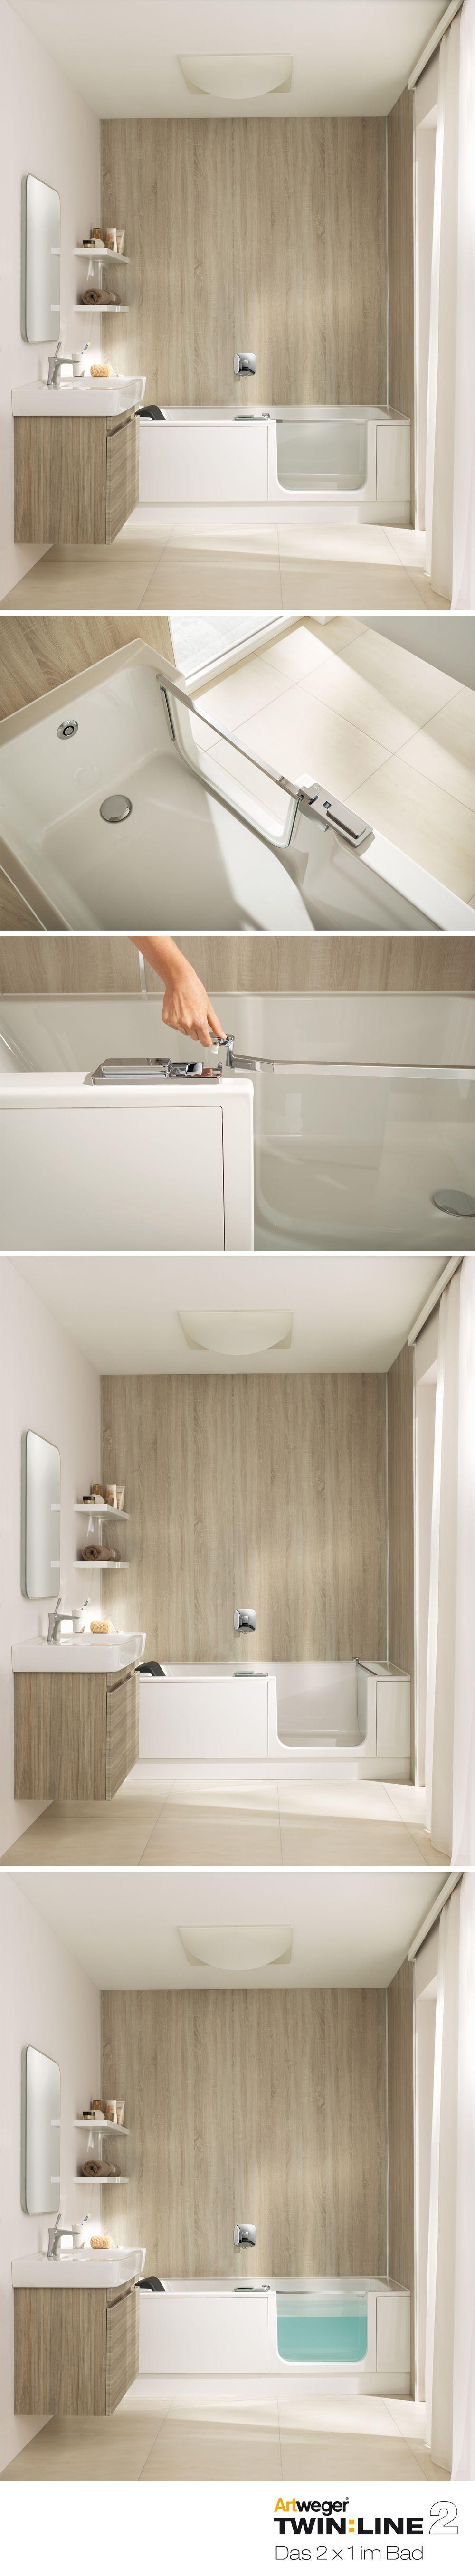 stylisches minibad mit komfort twinline 2 mit badewannent r f r einen bequemen einstieg in die. Black Bedroom Furniture Sets. Home Design Ideas